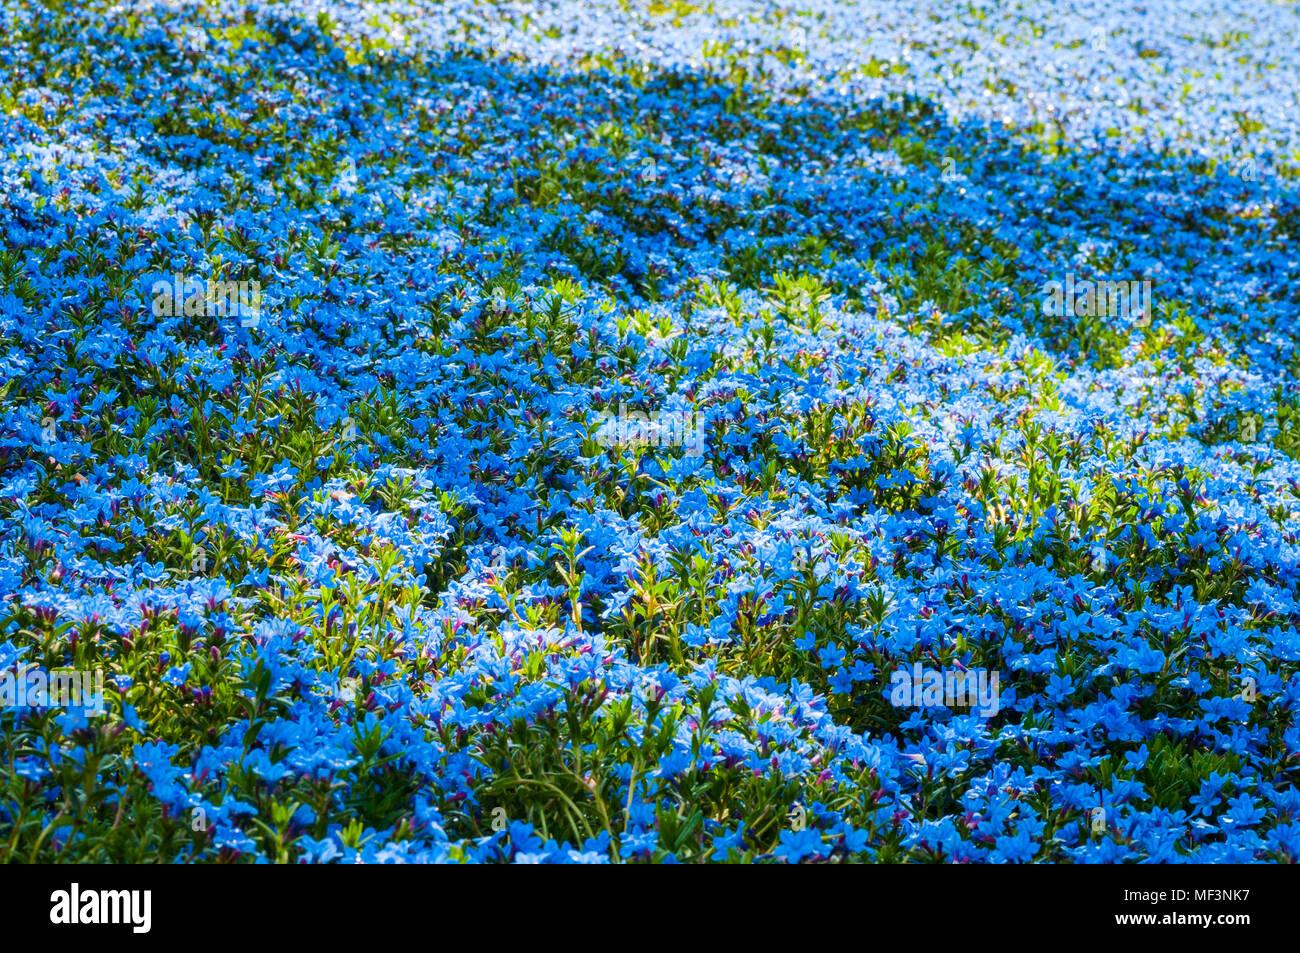 Blumenbeet Mit Verschiedenen Pflanzen Und Blumen Farben Blau